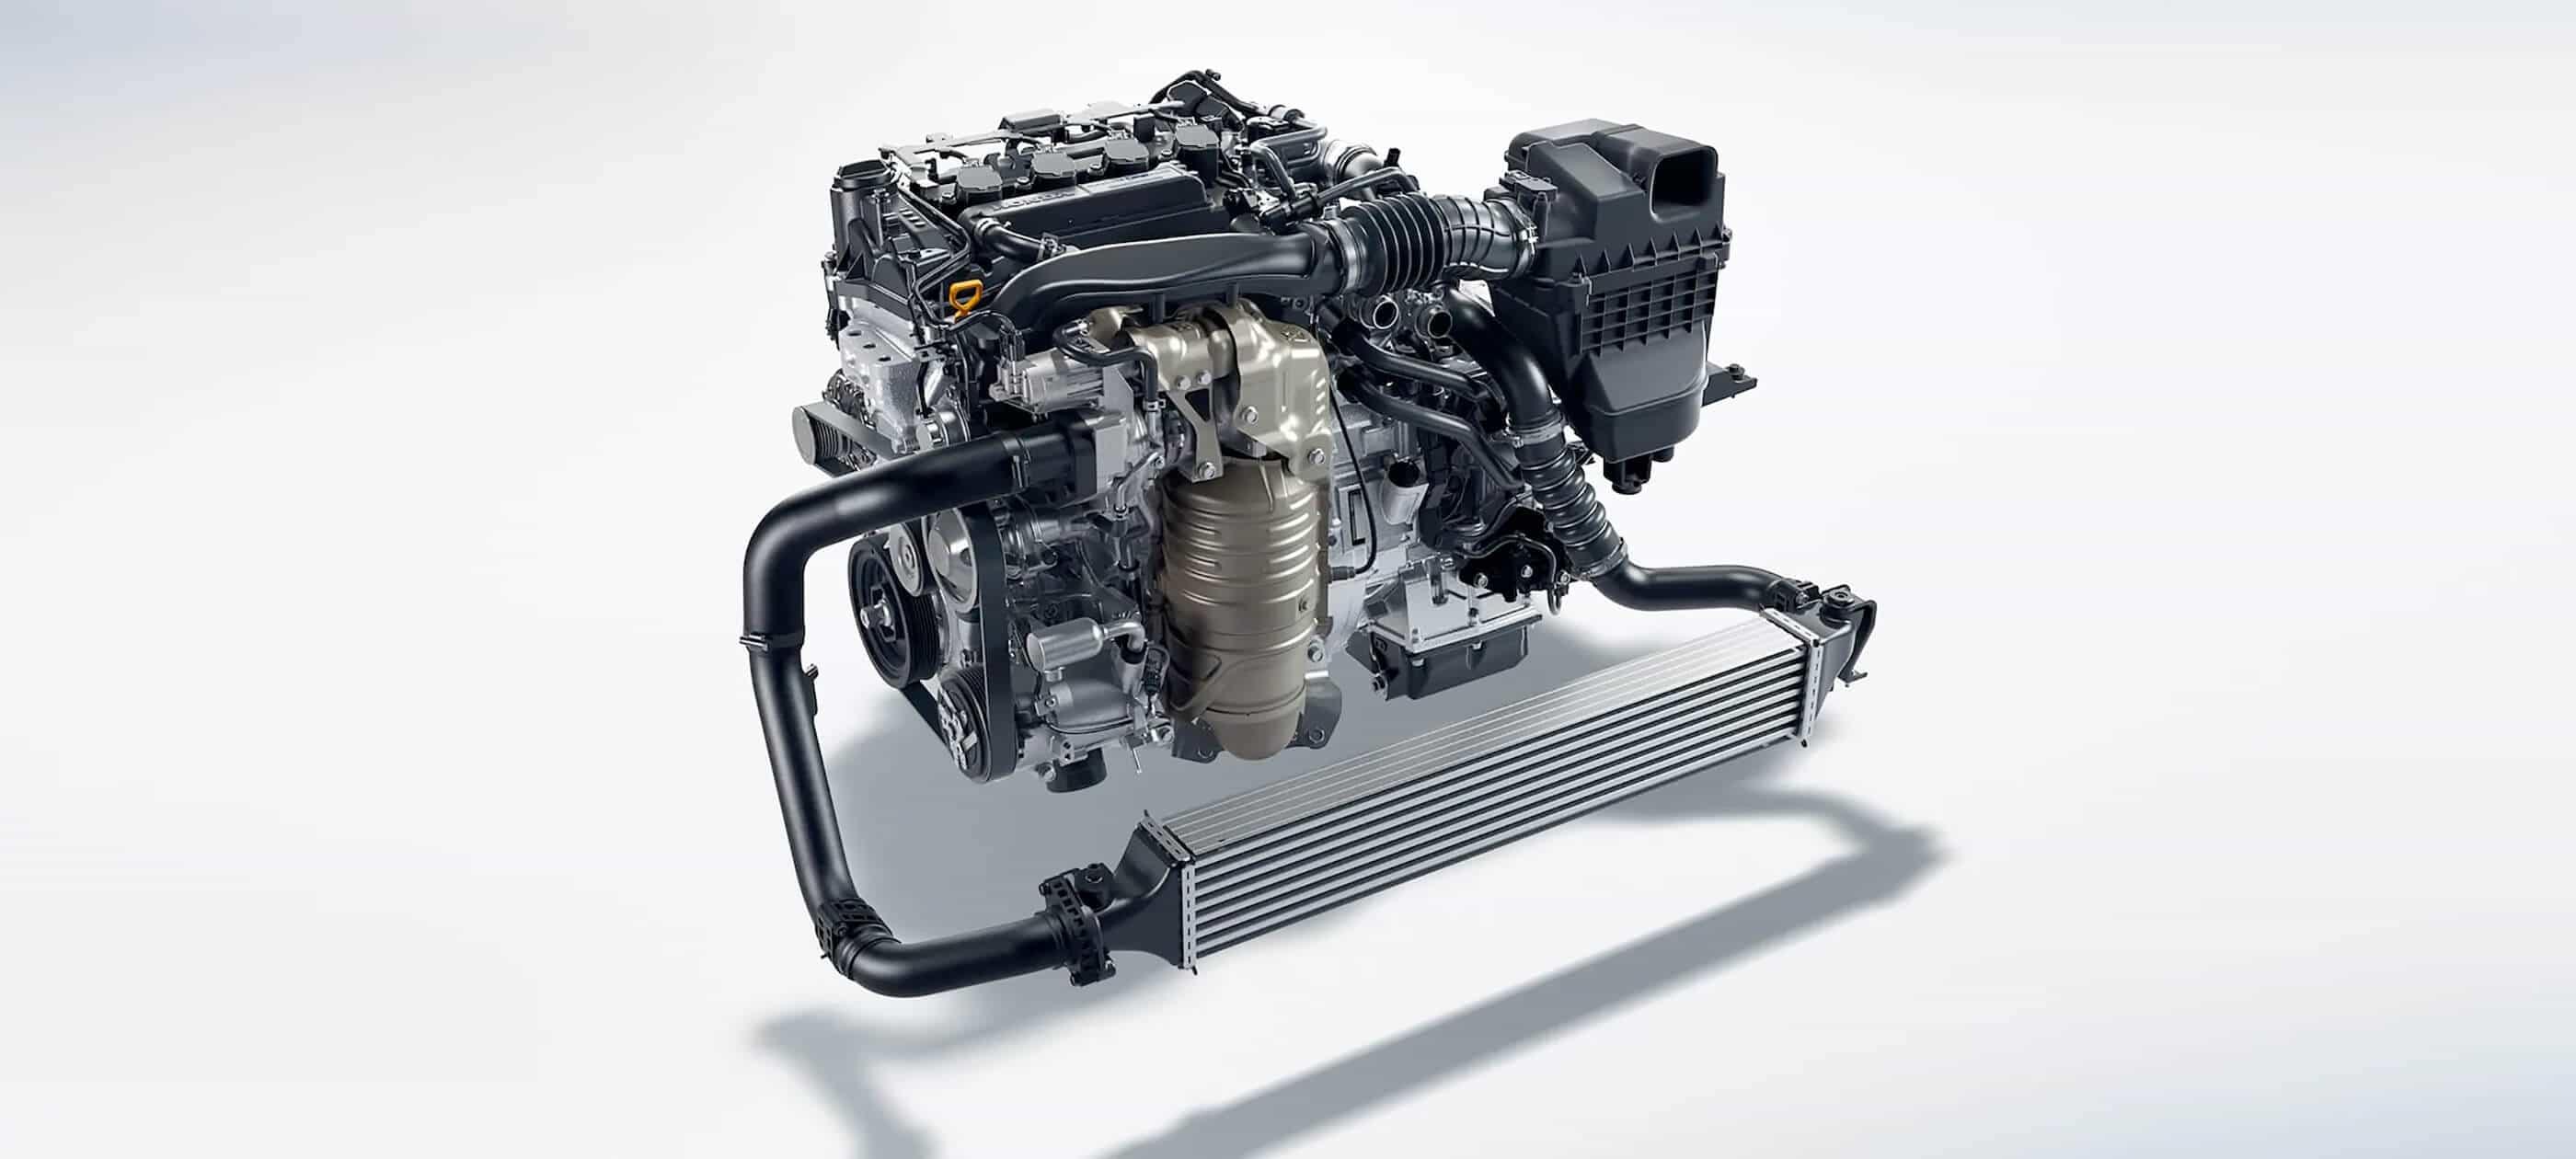 Motor turboalimentado de 174 caballos de fuerza